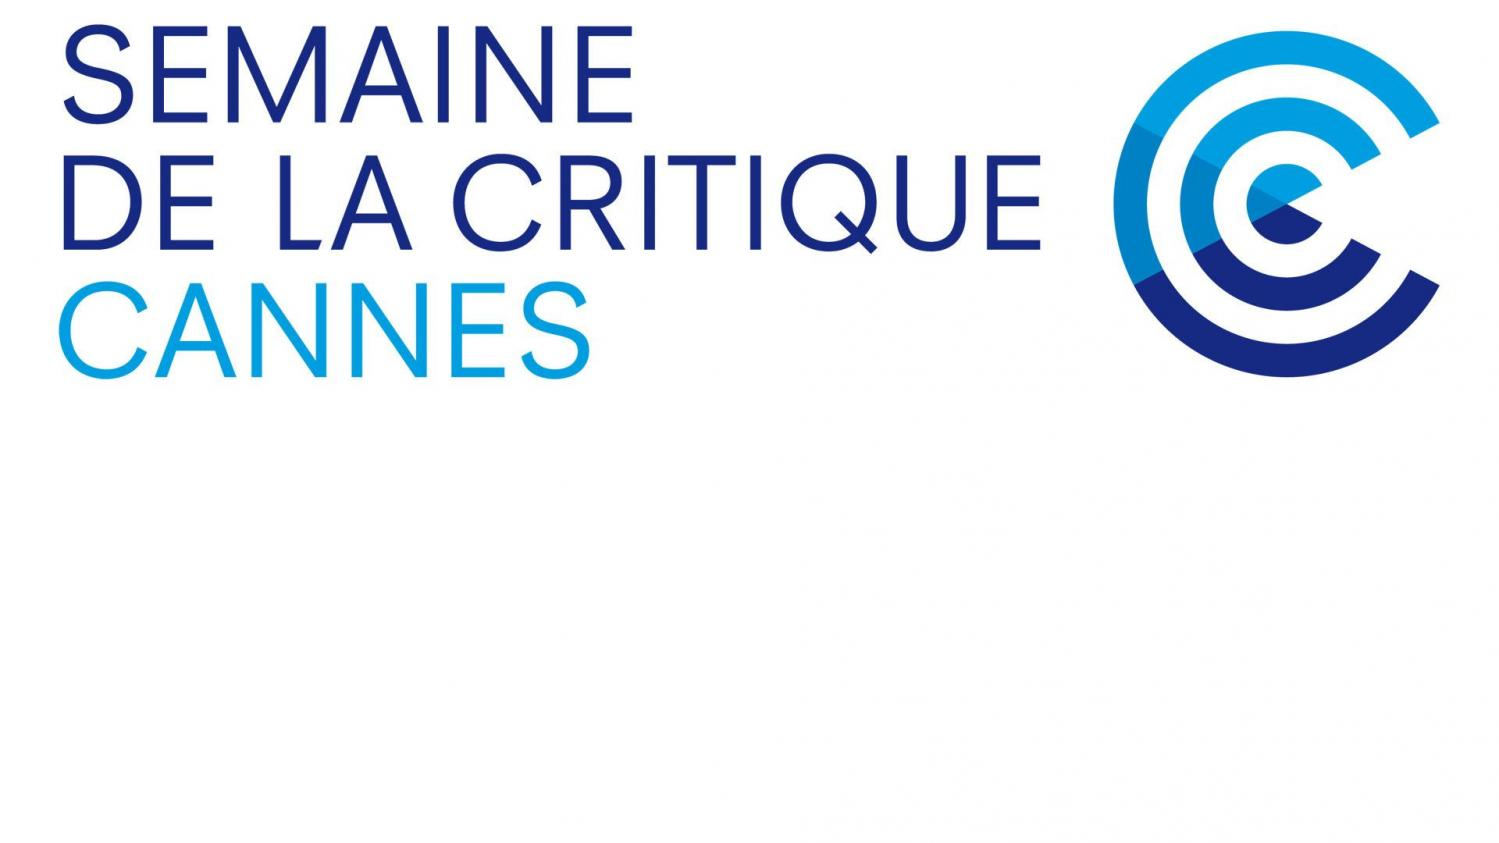 """Festival de Cannes : un programme """"hors les murs"""" pour la Semaine de la Critique, après l'annulation de l'édition 2020"""